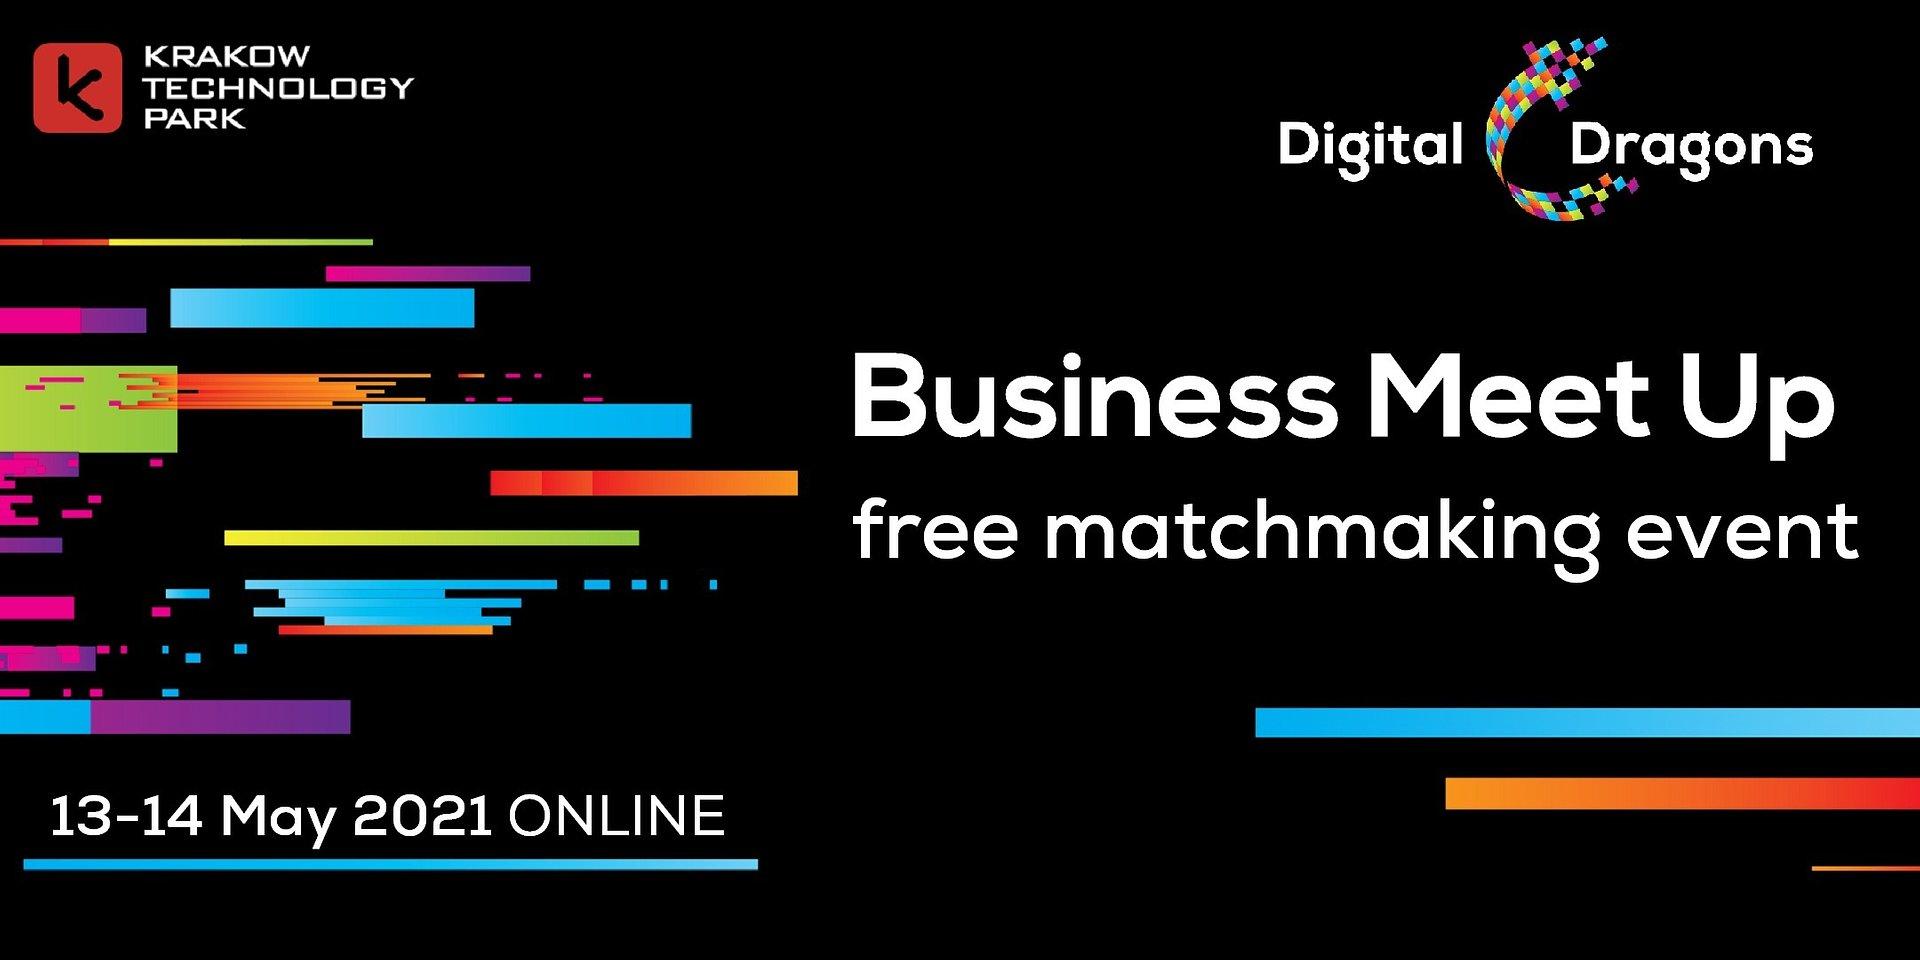 Digital Dragons Business Meet Up – bezpłatne wydarzenie dla branży twórców gier już w maju. Ruszyła rejestracja!